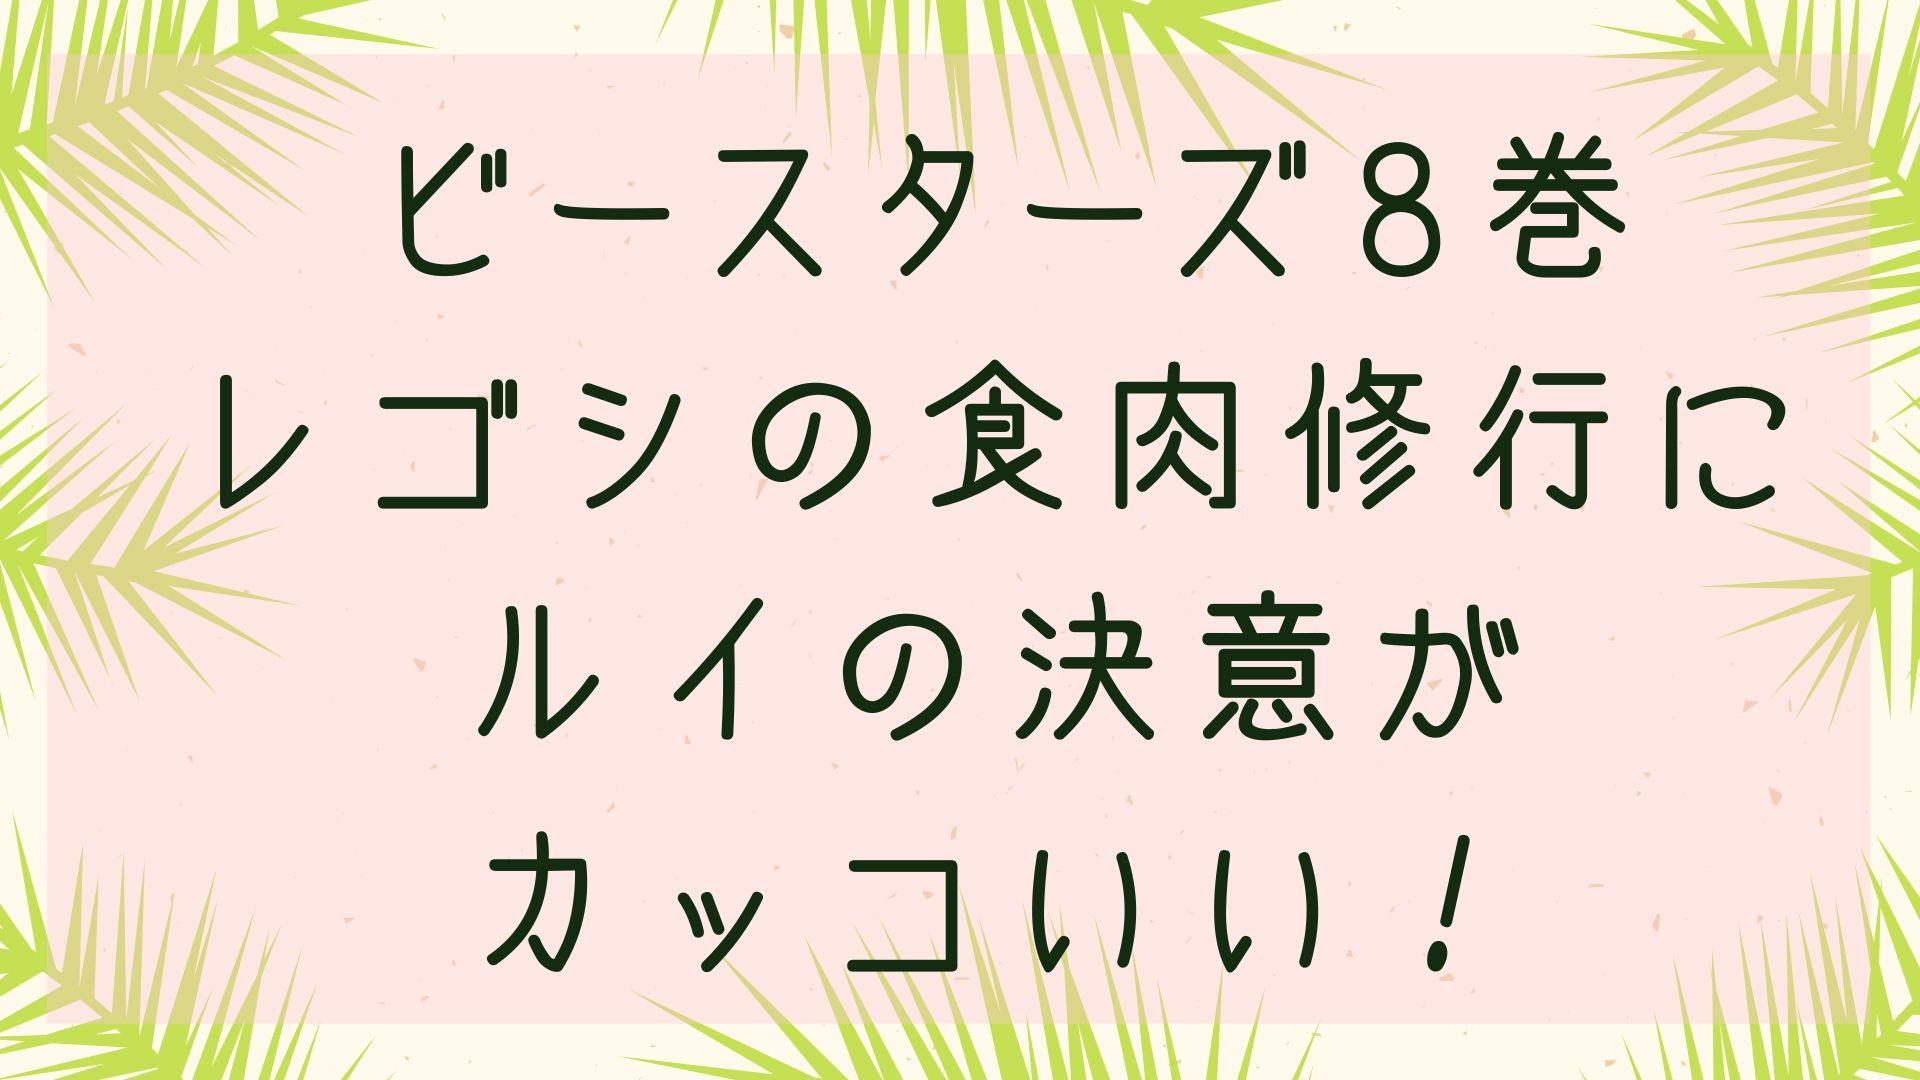 「ビースターズ」レゴシの食肉修行にルイの決意がカッコいい!8巻各話のネタバレ!